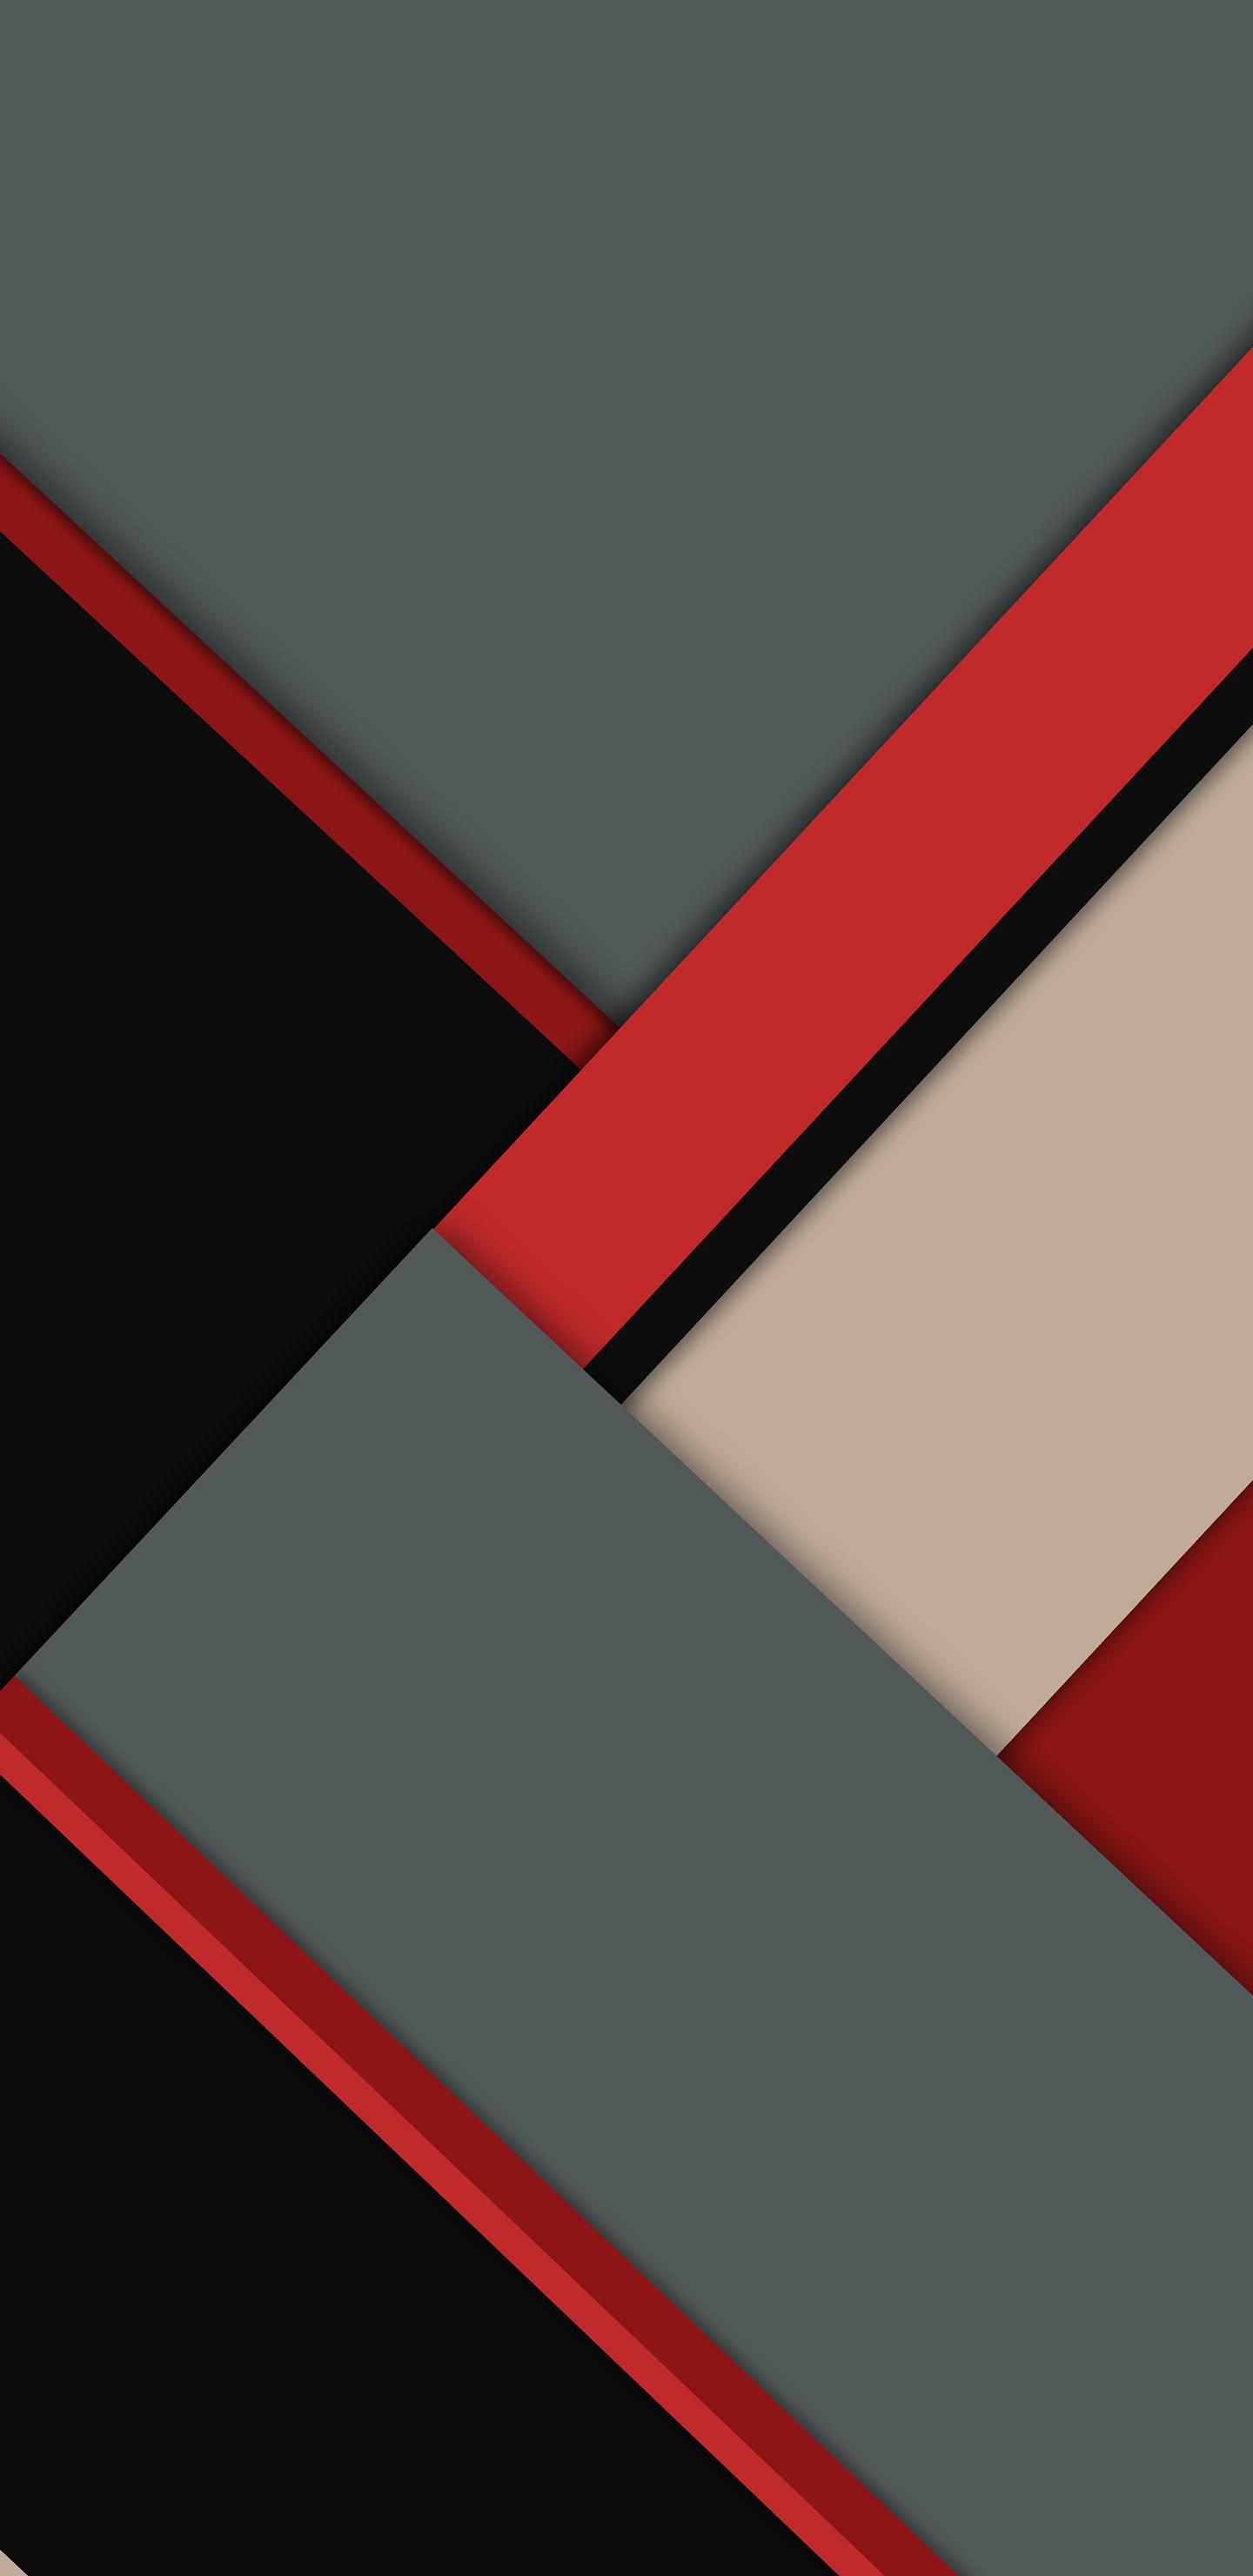 abstract-minimal-vertical-and-horizontal-8k-88.jpg